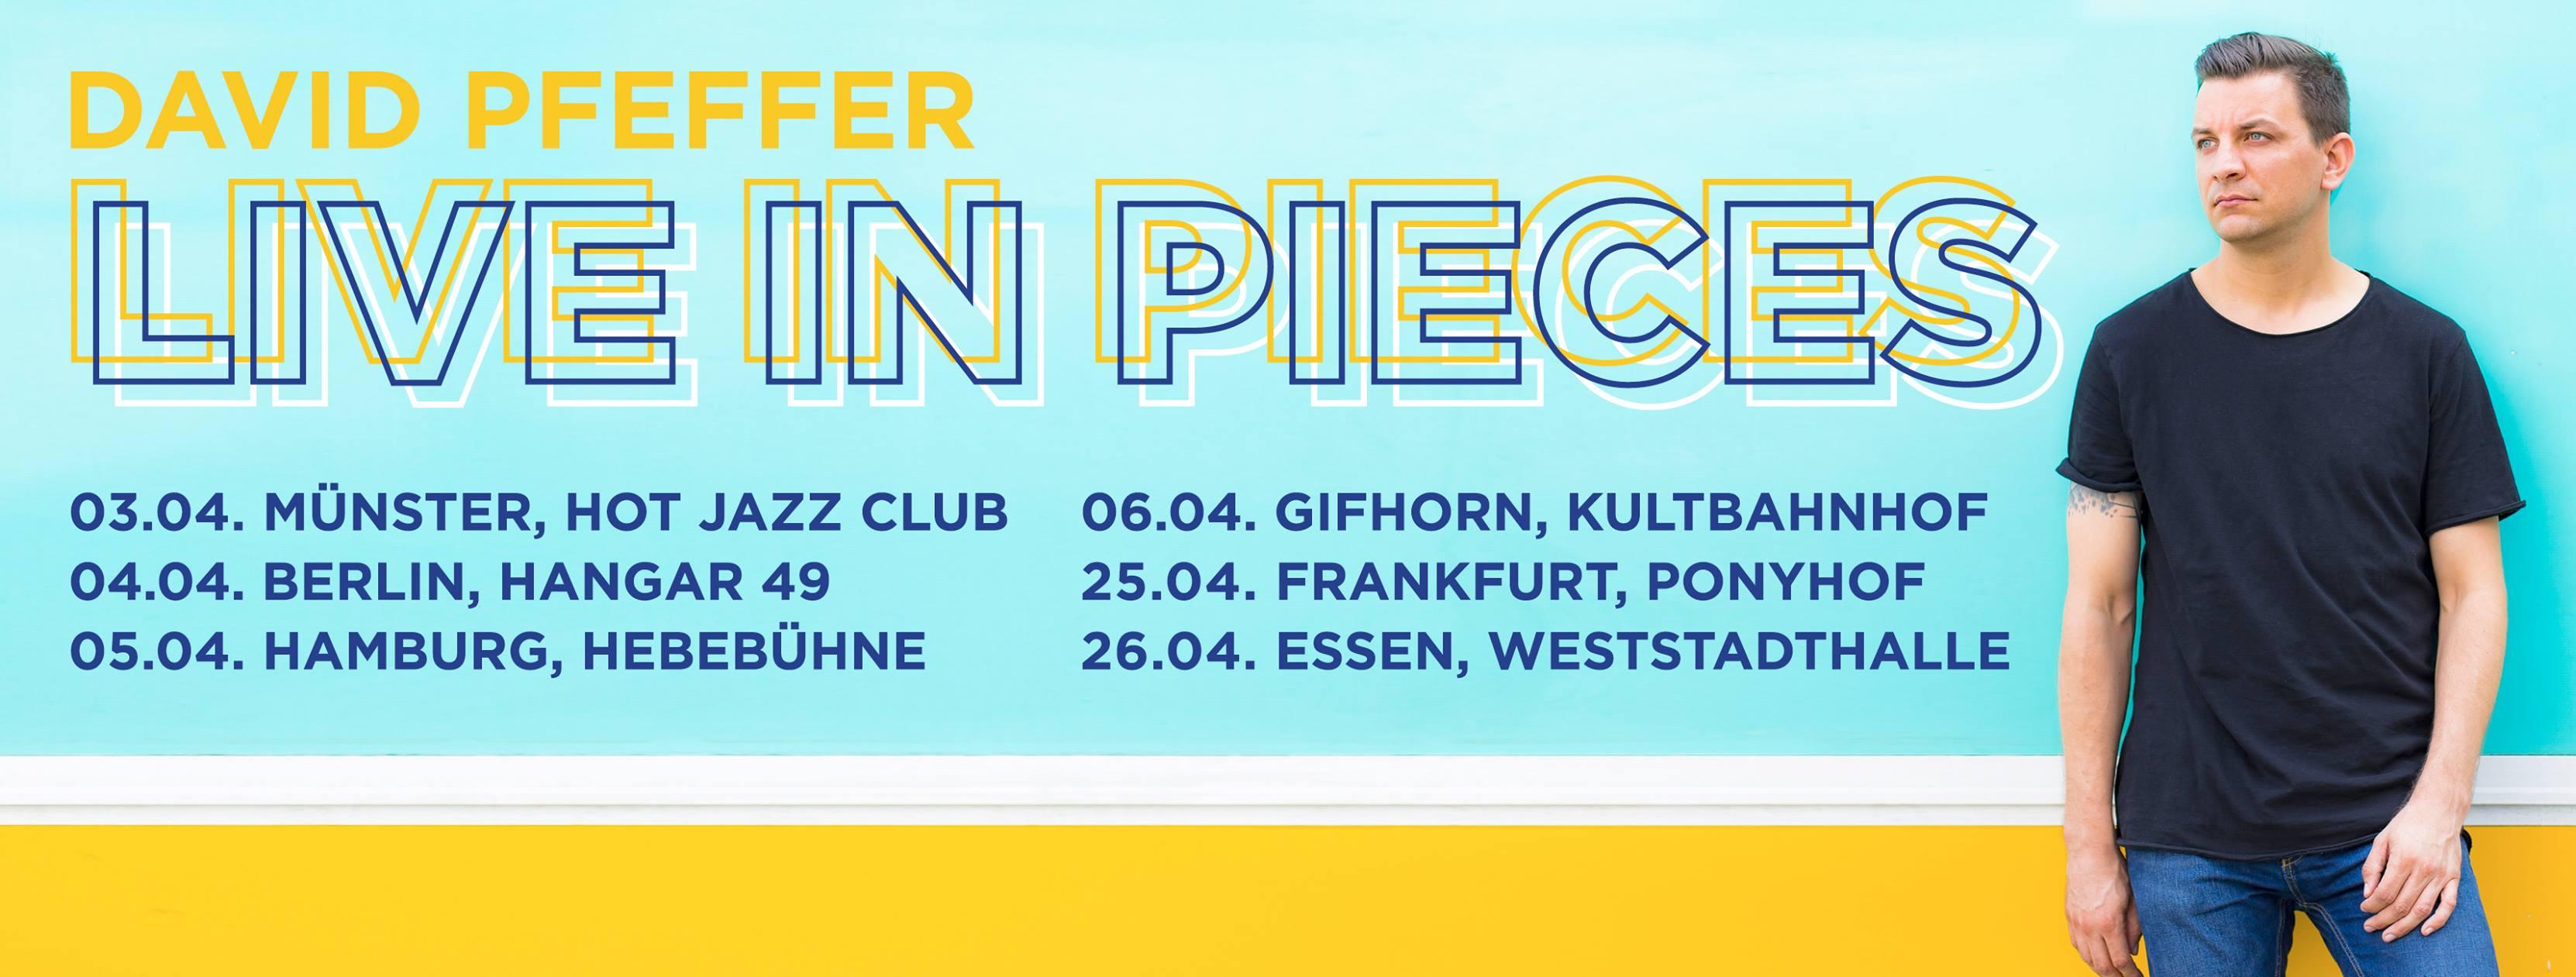 Die Musikiathek präsentiert: erlebt David Pfeffer im April 2019 live auf Tour!